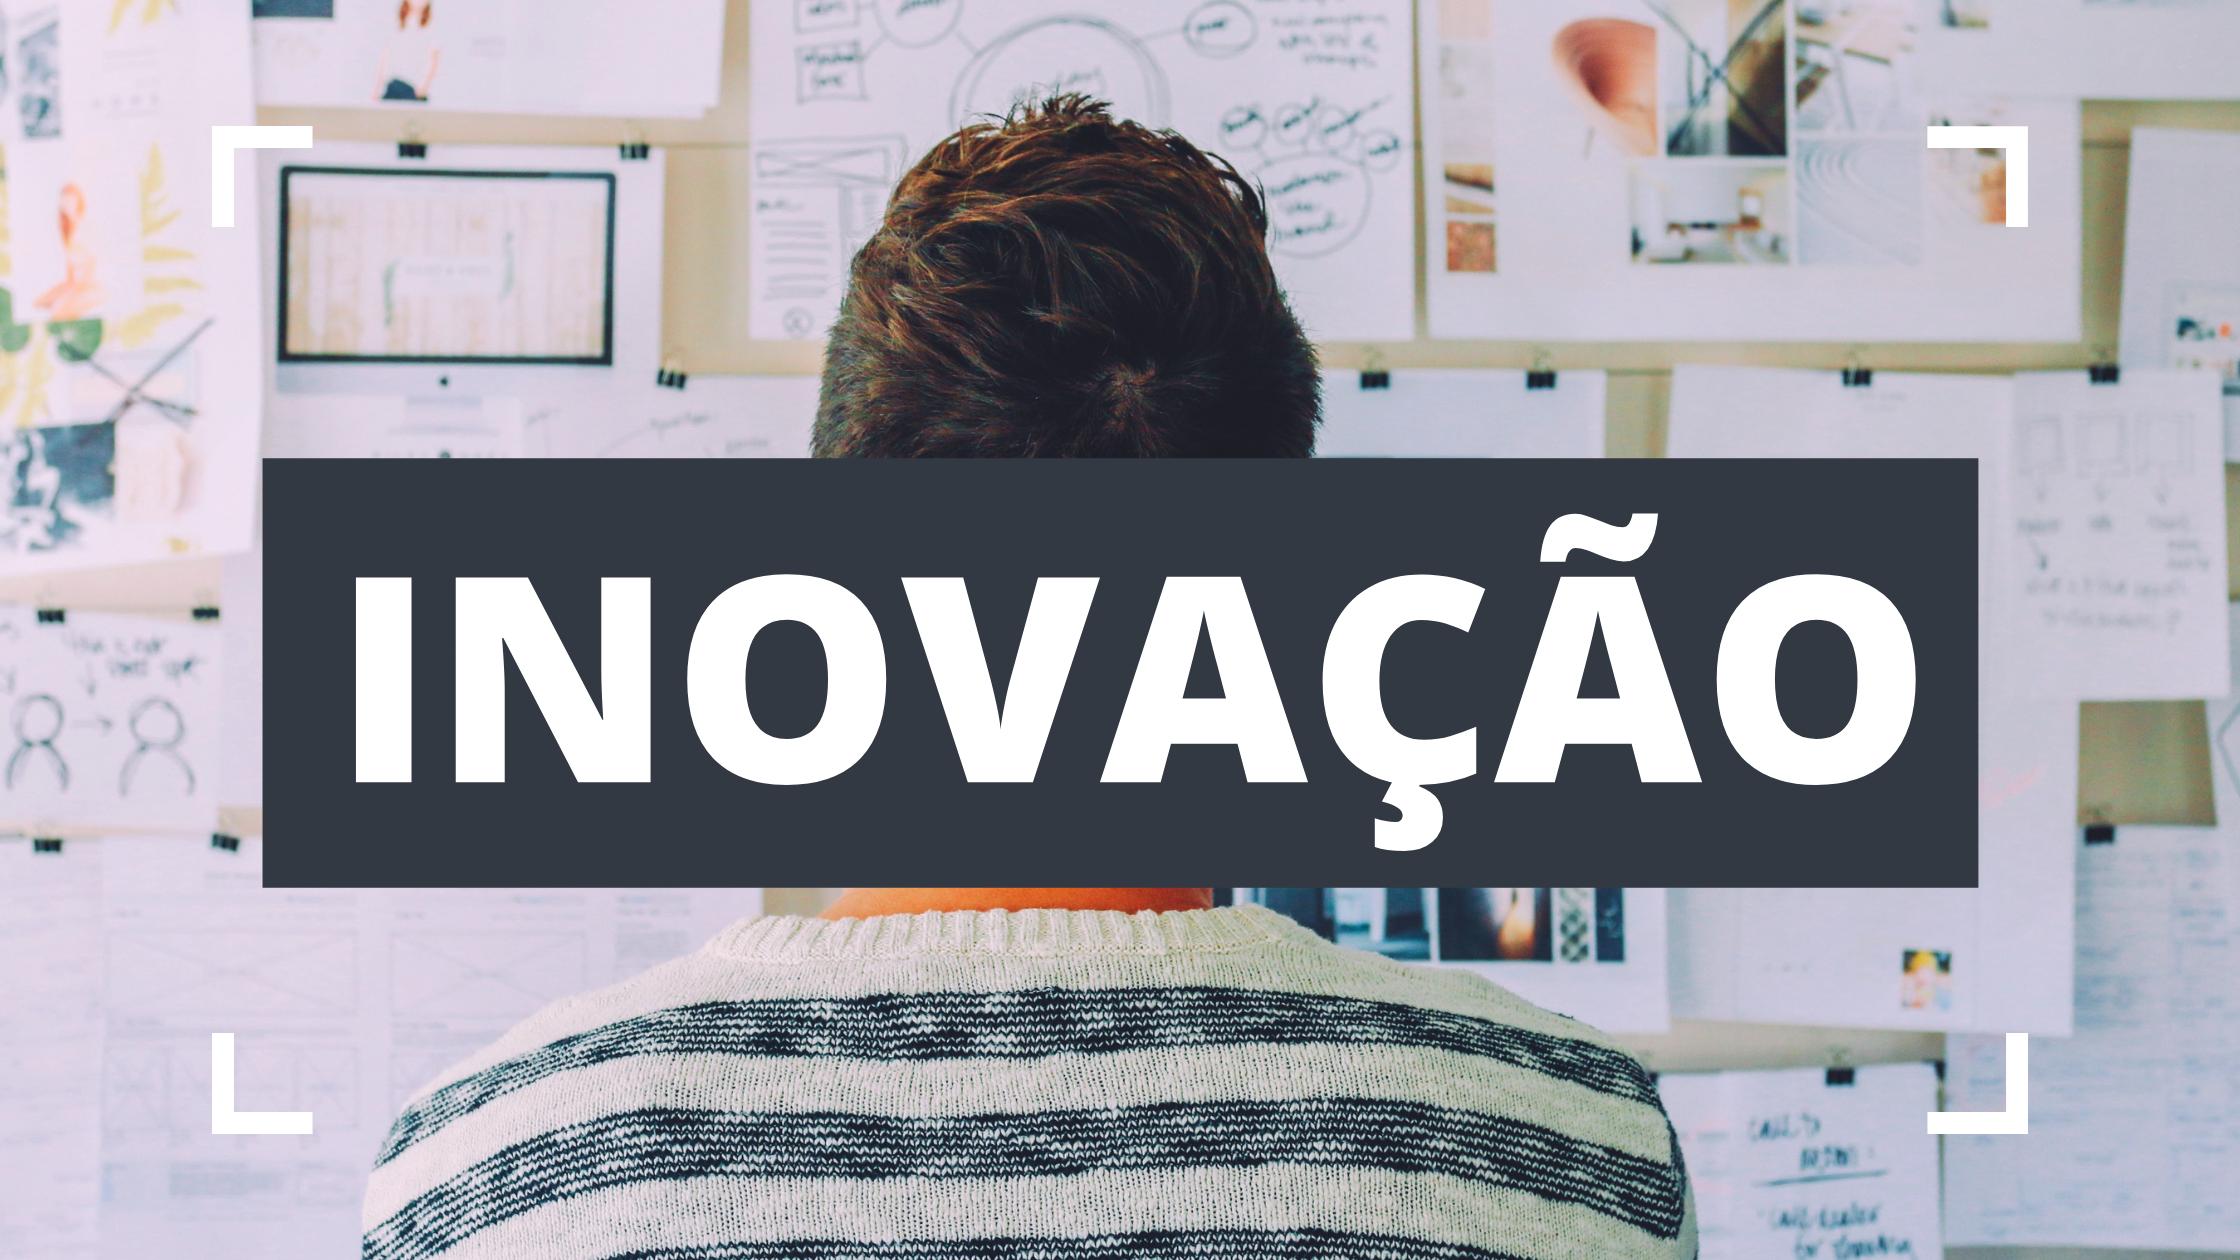 Inovação Tecnológica: diferencial ou sobrevivência? Saiba tudo sobre o assunto